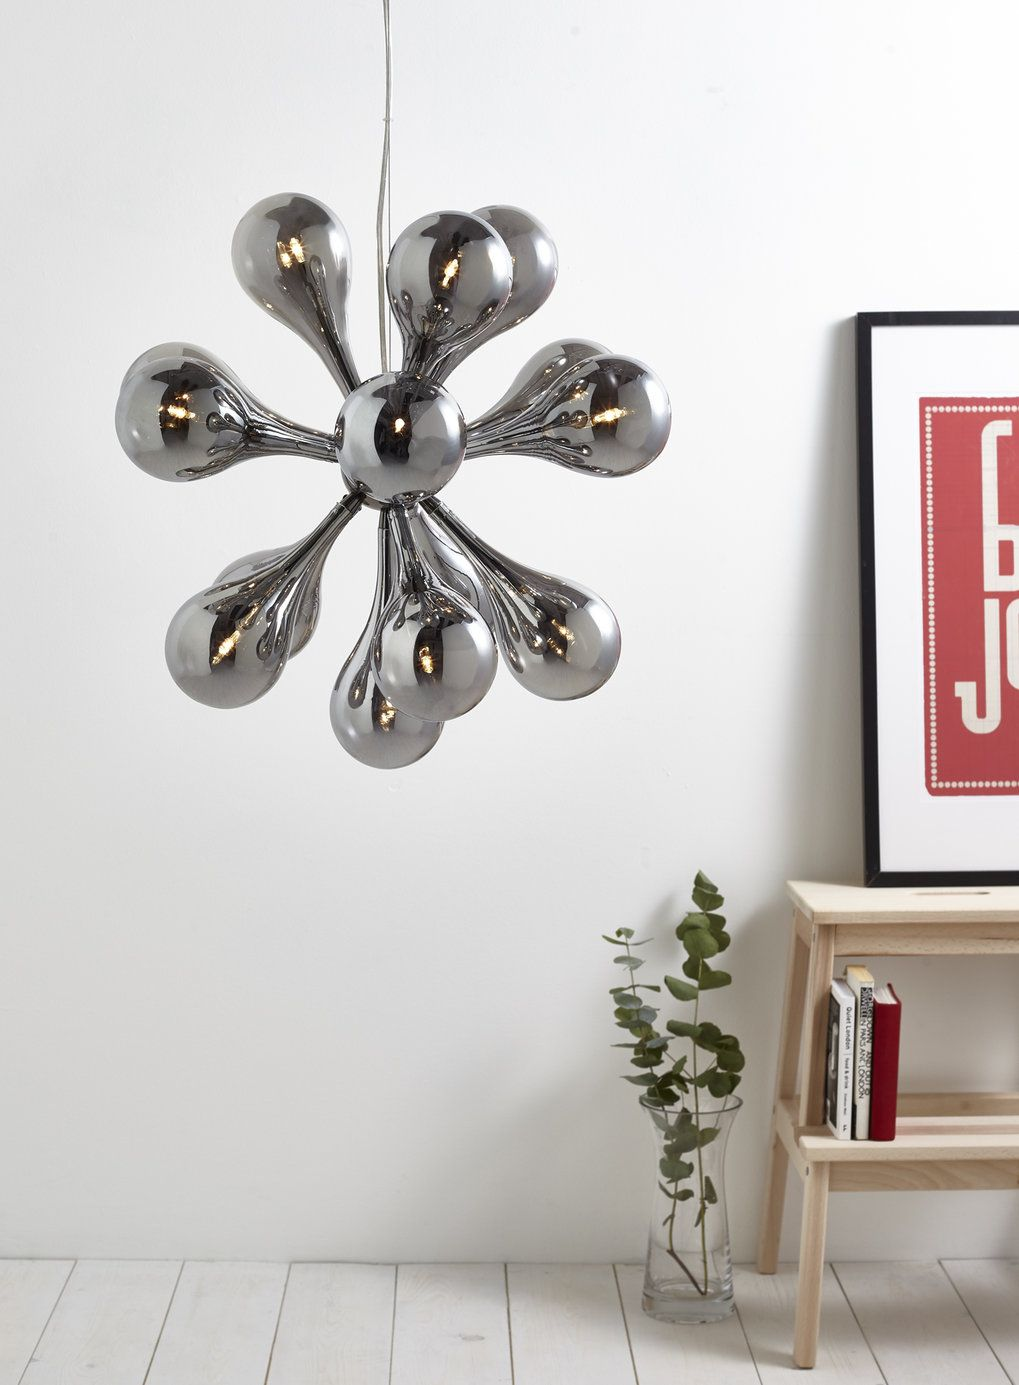 Rosco 15 Light Sputnik Light - BHS   Home   Pinterest   Bhs, Ceiling ...